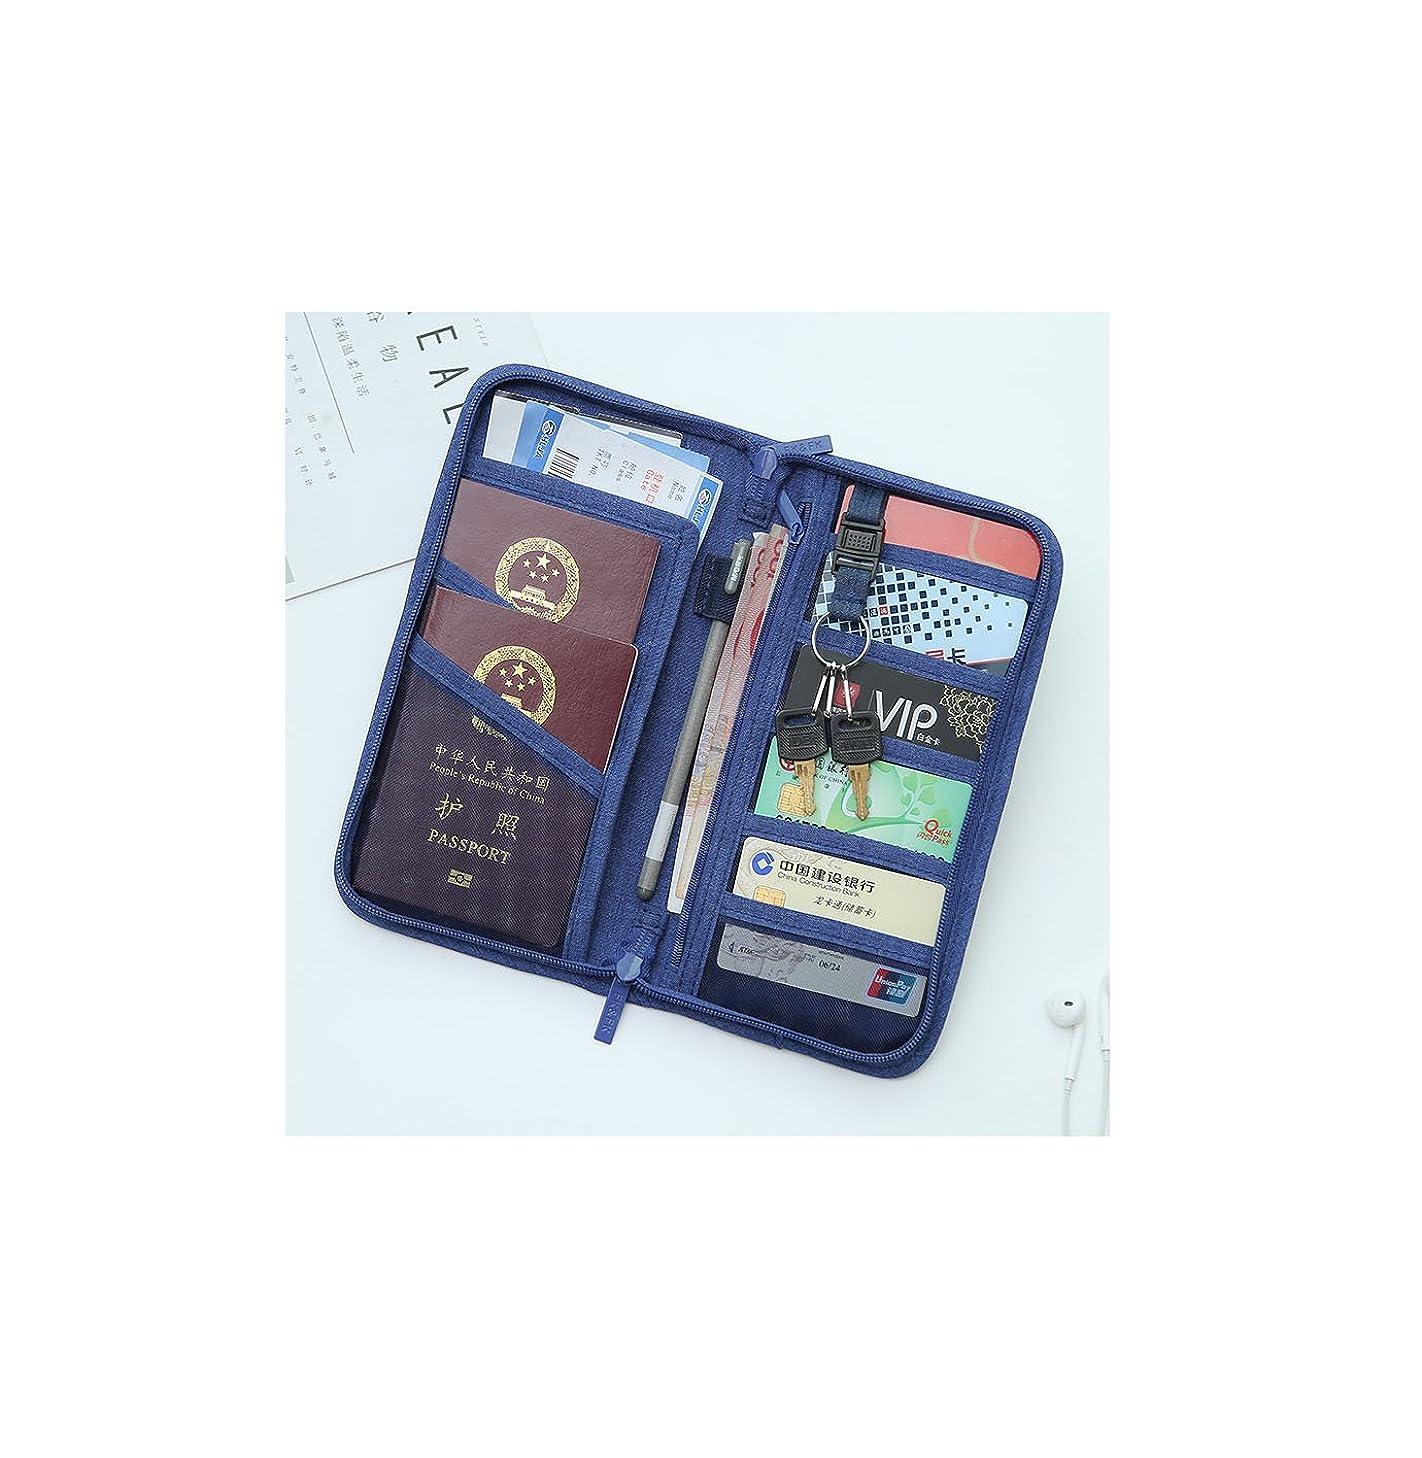 暴力とまり木上に財布ファイル保護セット書類バッグ書類保管袋多機能証明書袋